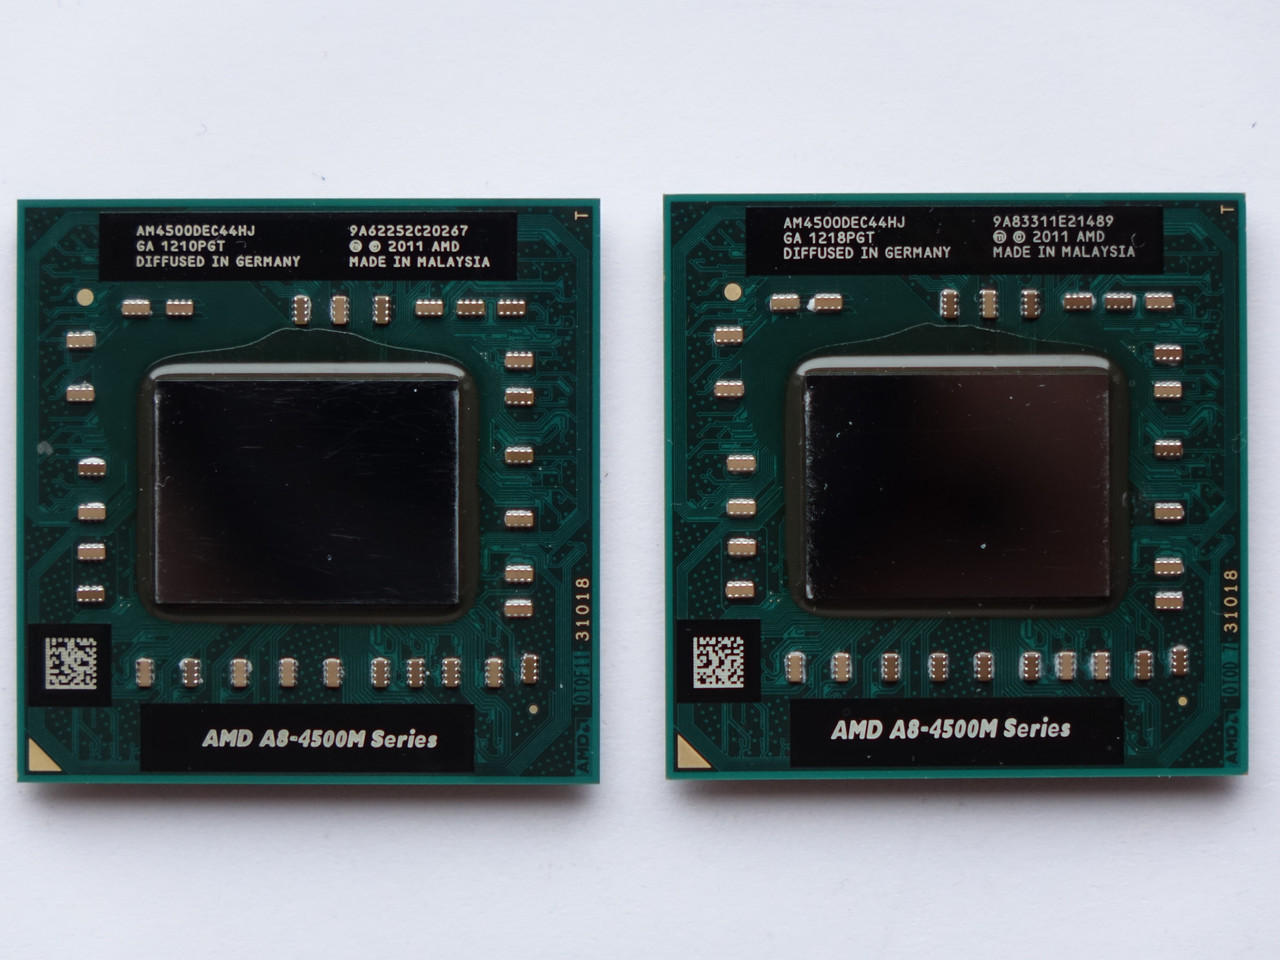 Процессор AMD A8-4500M (AM4500DEC44HJ) FS1r2, 4Mb Cache, 1.9-2.8GHz, 35W, 4 Ядра 8 Потоков + Radeon HD7640G БУ